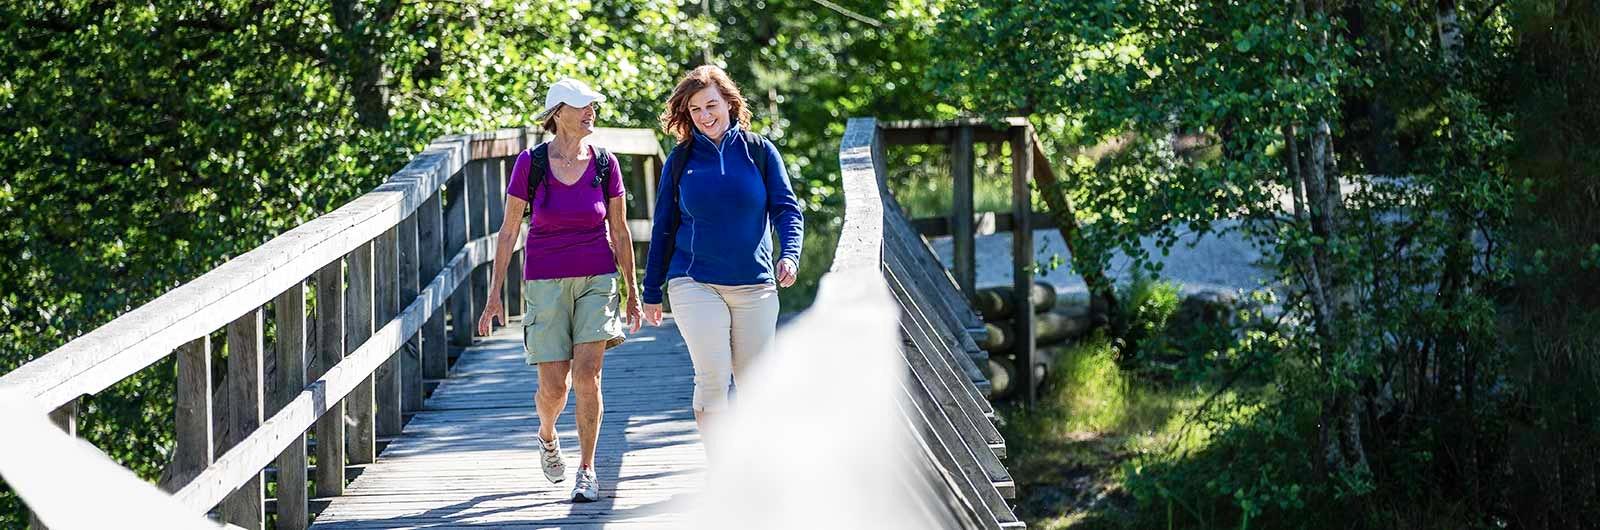 Kvinnor på bro längs Signaturled Norra Sörmland